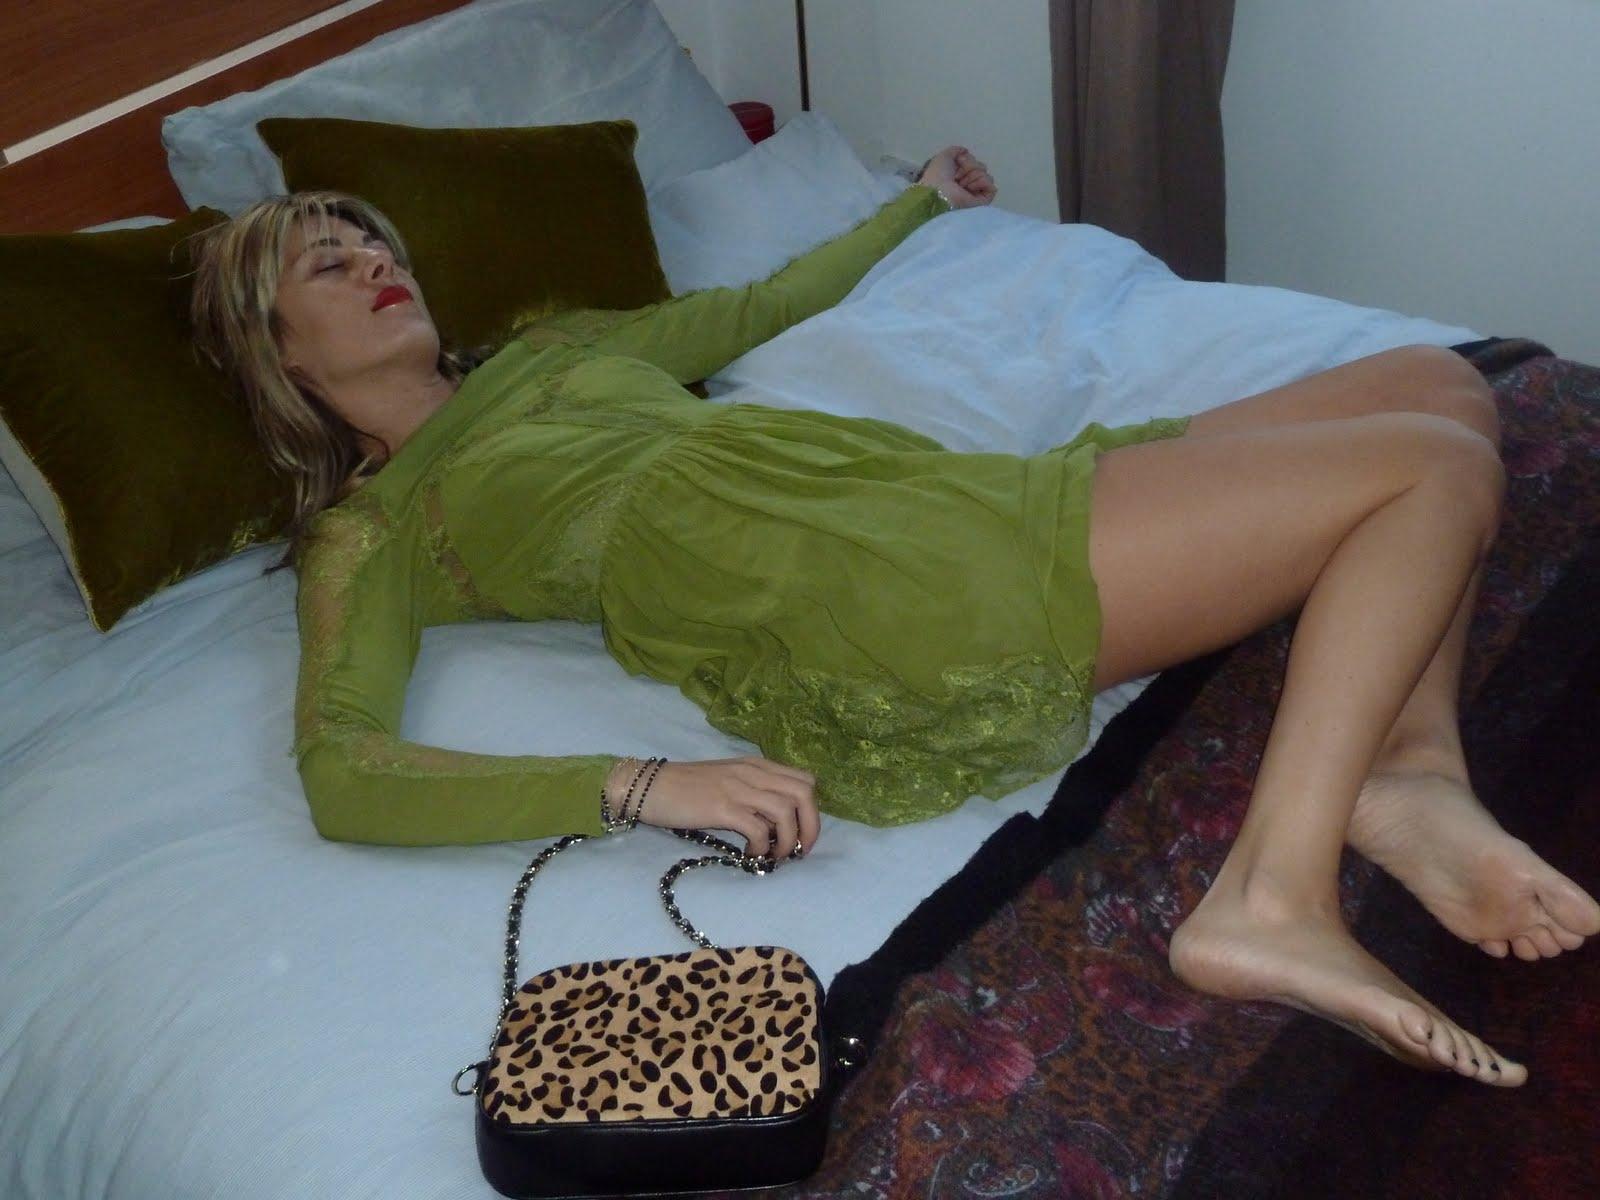 http://1.bp.blogspot.com/_QHdccuNNNfc/TNbaFrXm9lI/AAAAAAAAAPI/RUU0UmDcxN8/s1600/L1000628.JPG